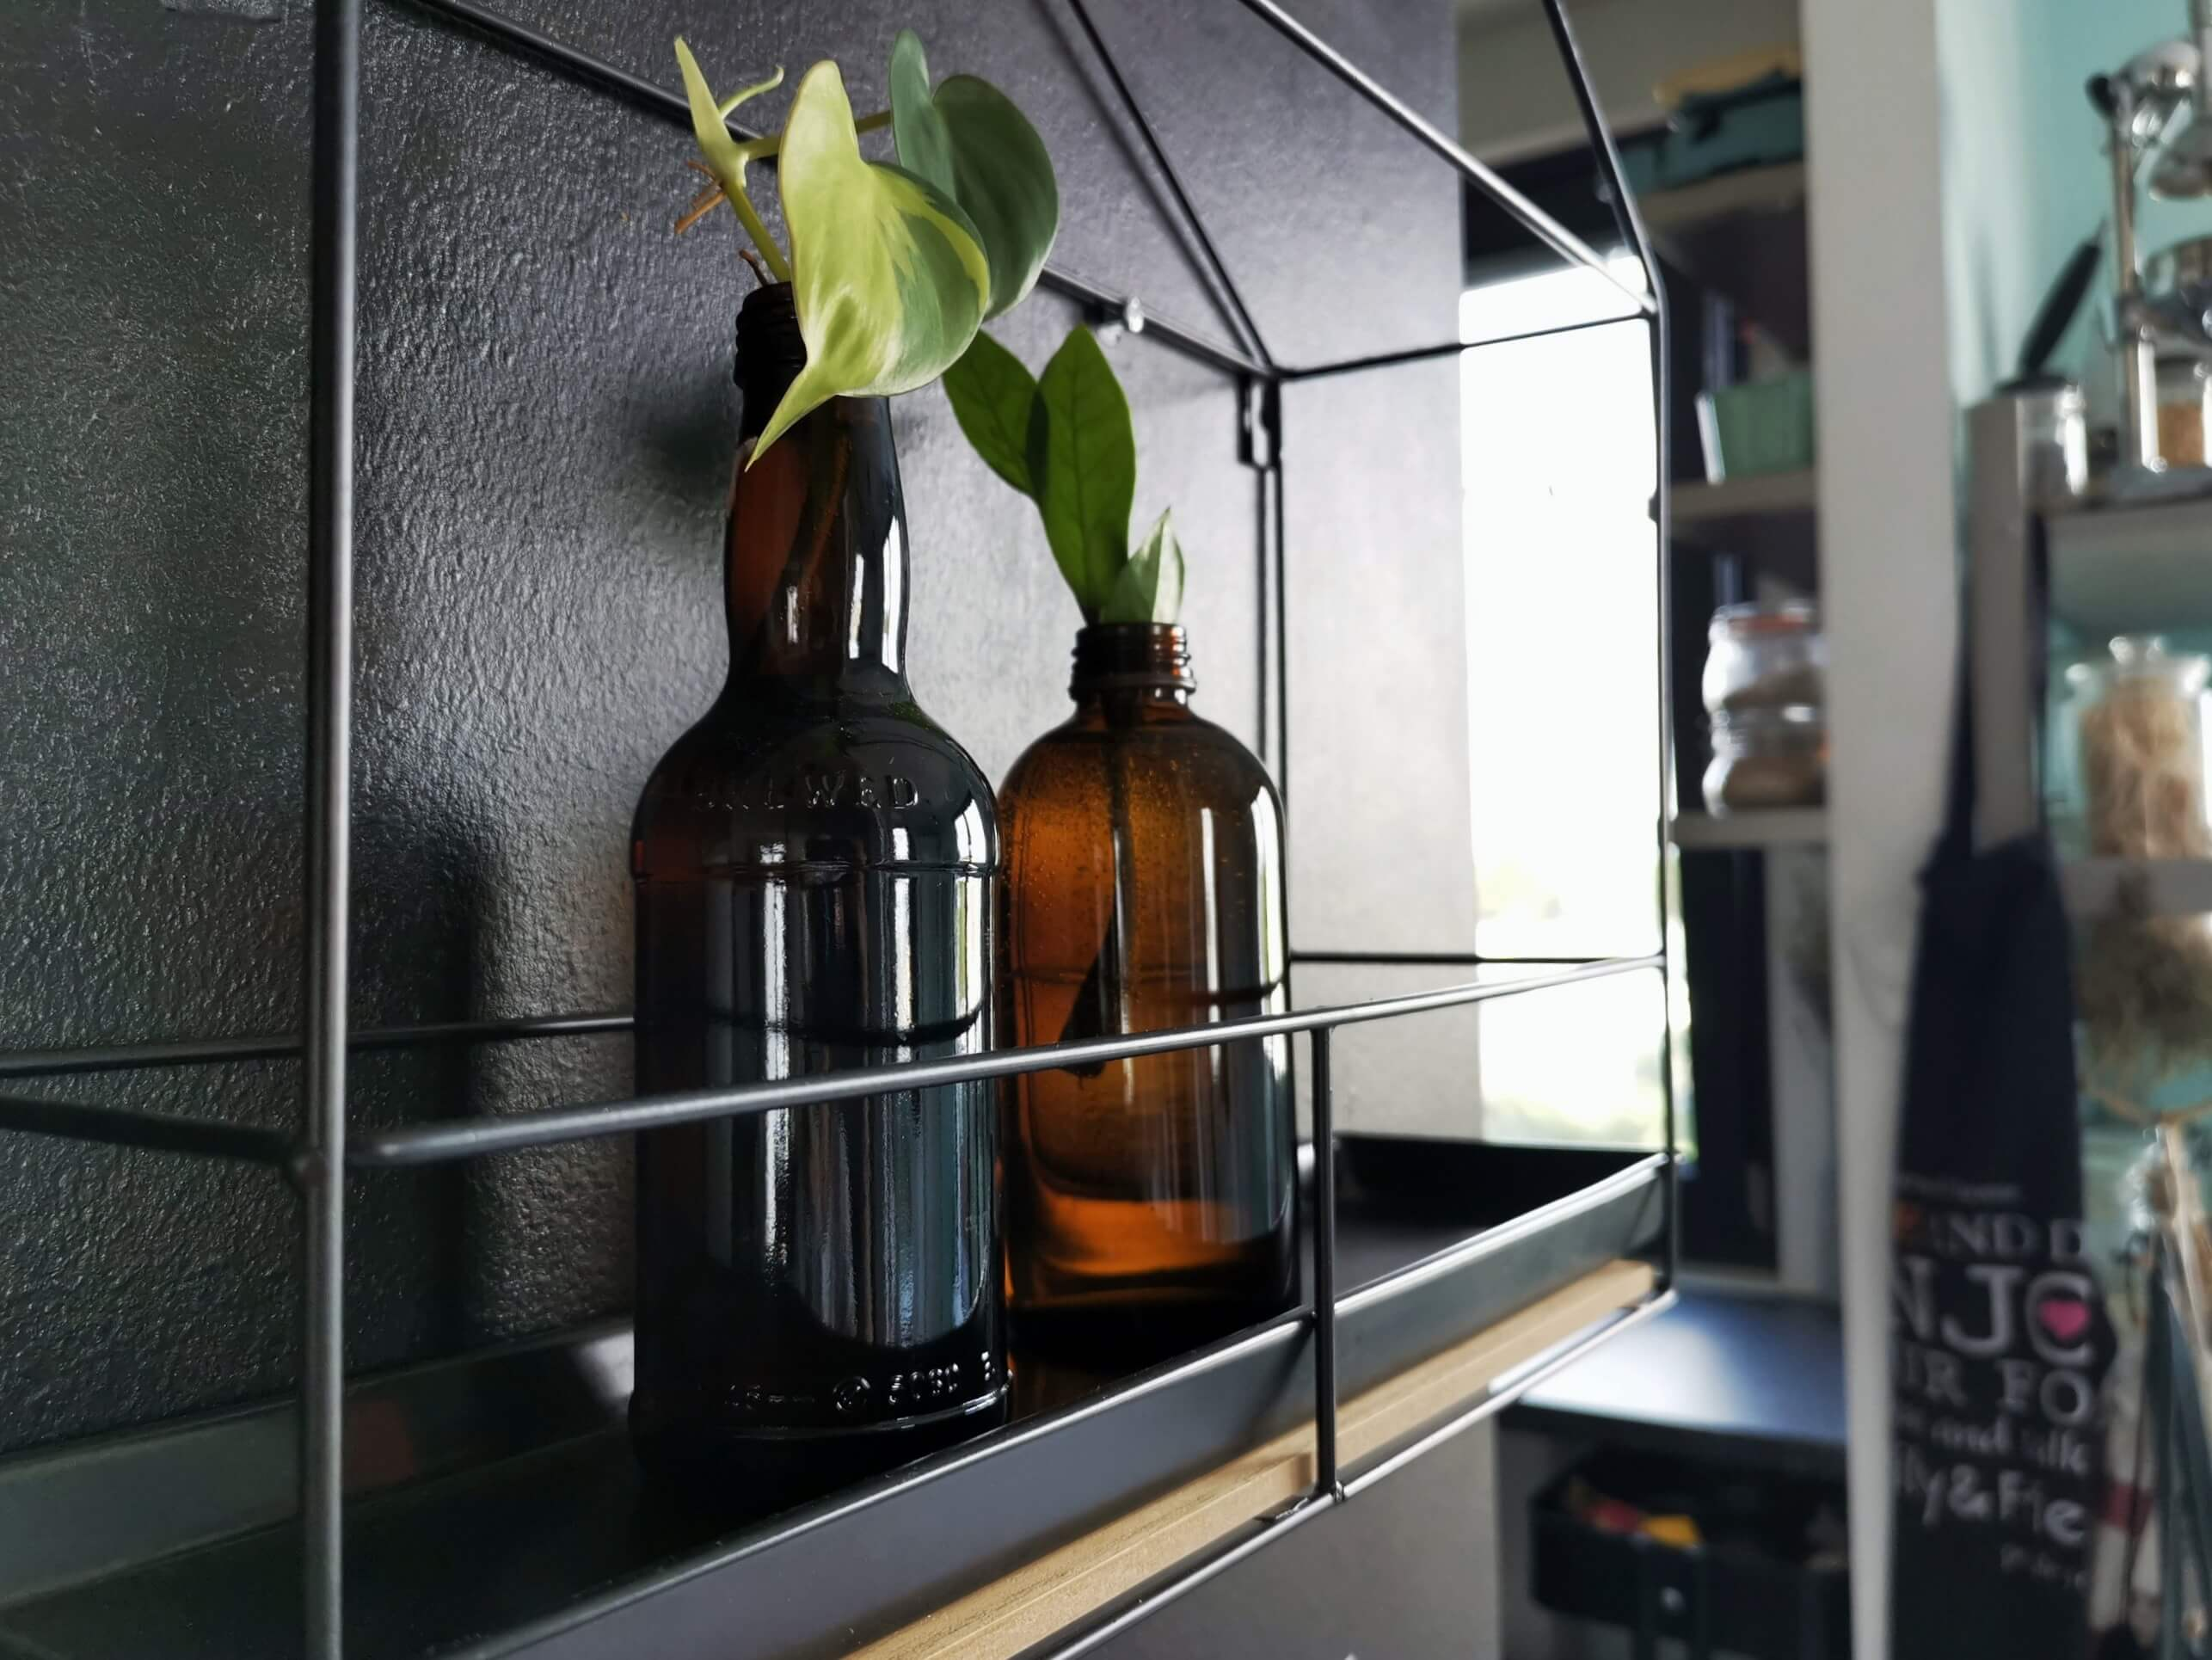 IMG 20190428 155949 02 resized 20190428 070233152 - Tvoríme z odpadu: 5 recy-nápadov pre krajší interiér